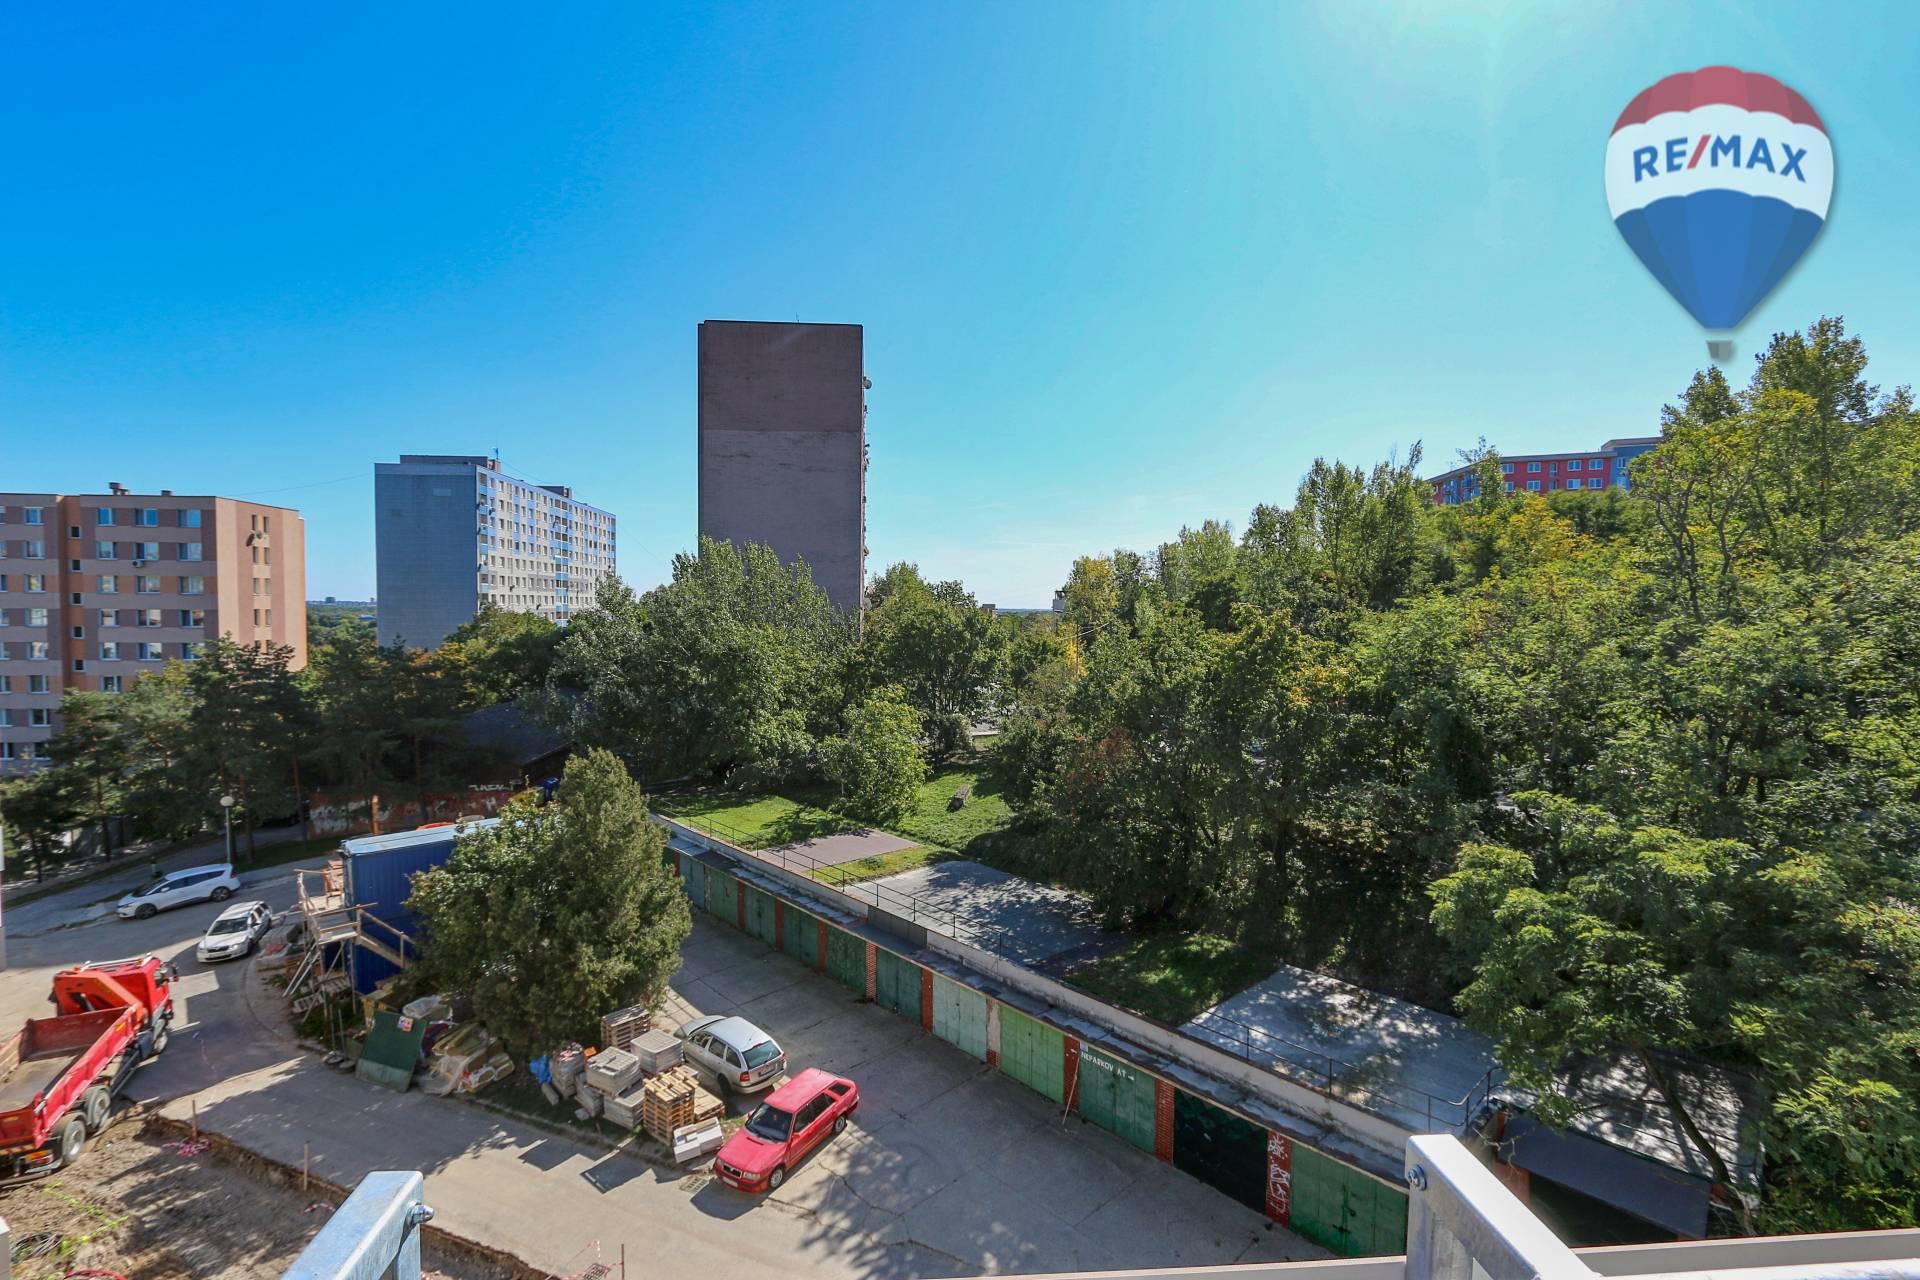 Predaj bytu (1 izbový) 32 m2, Bratislava - Karlova Ves - výhľad